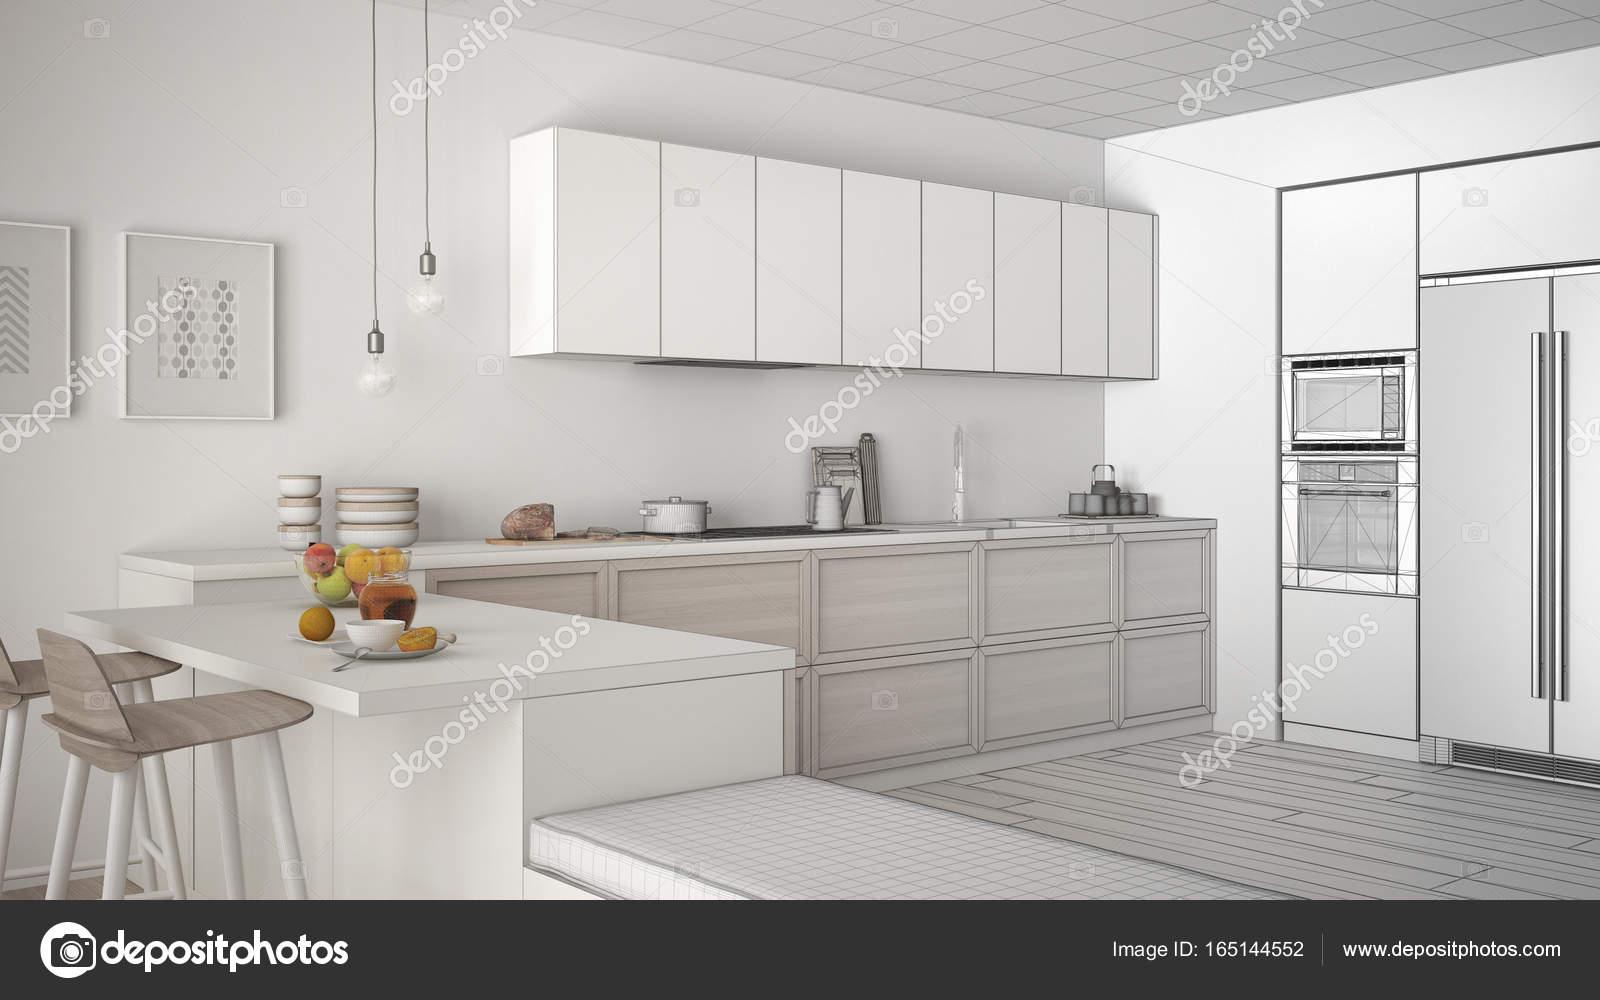 Progetto incompiuto di cucine classiche con dettagli in legno e pa ...